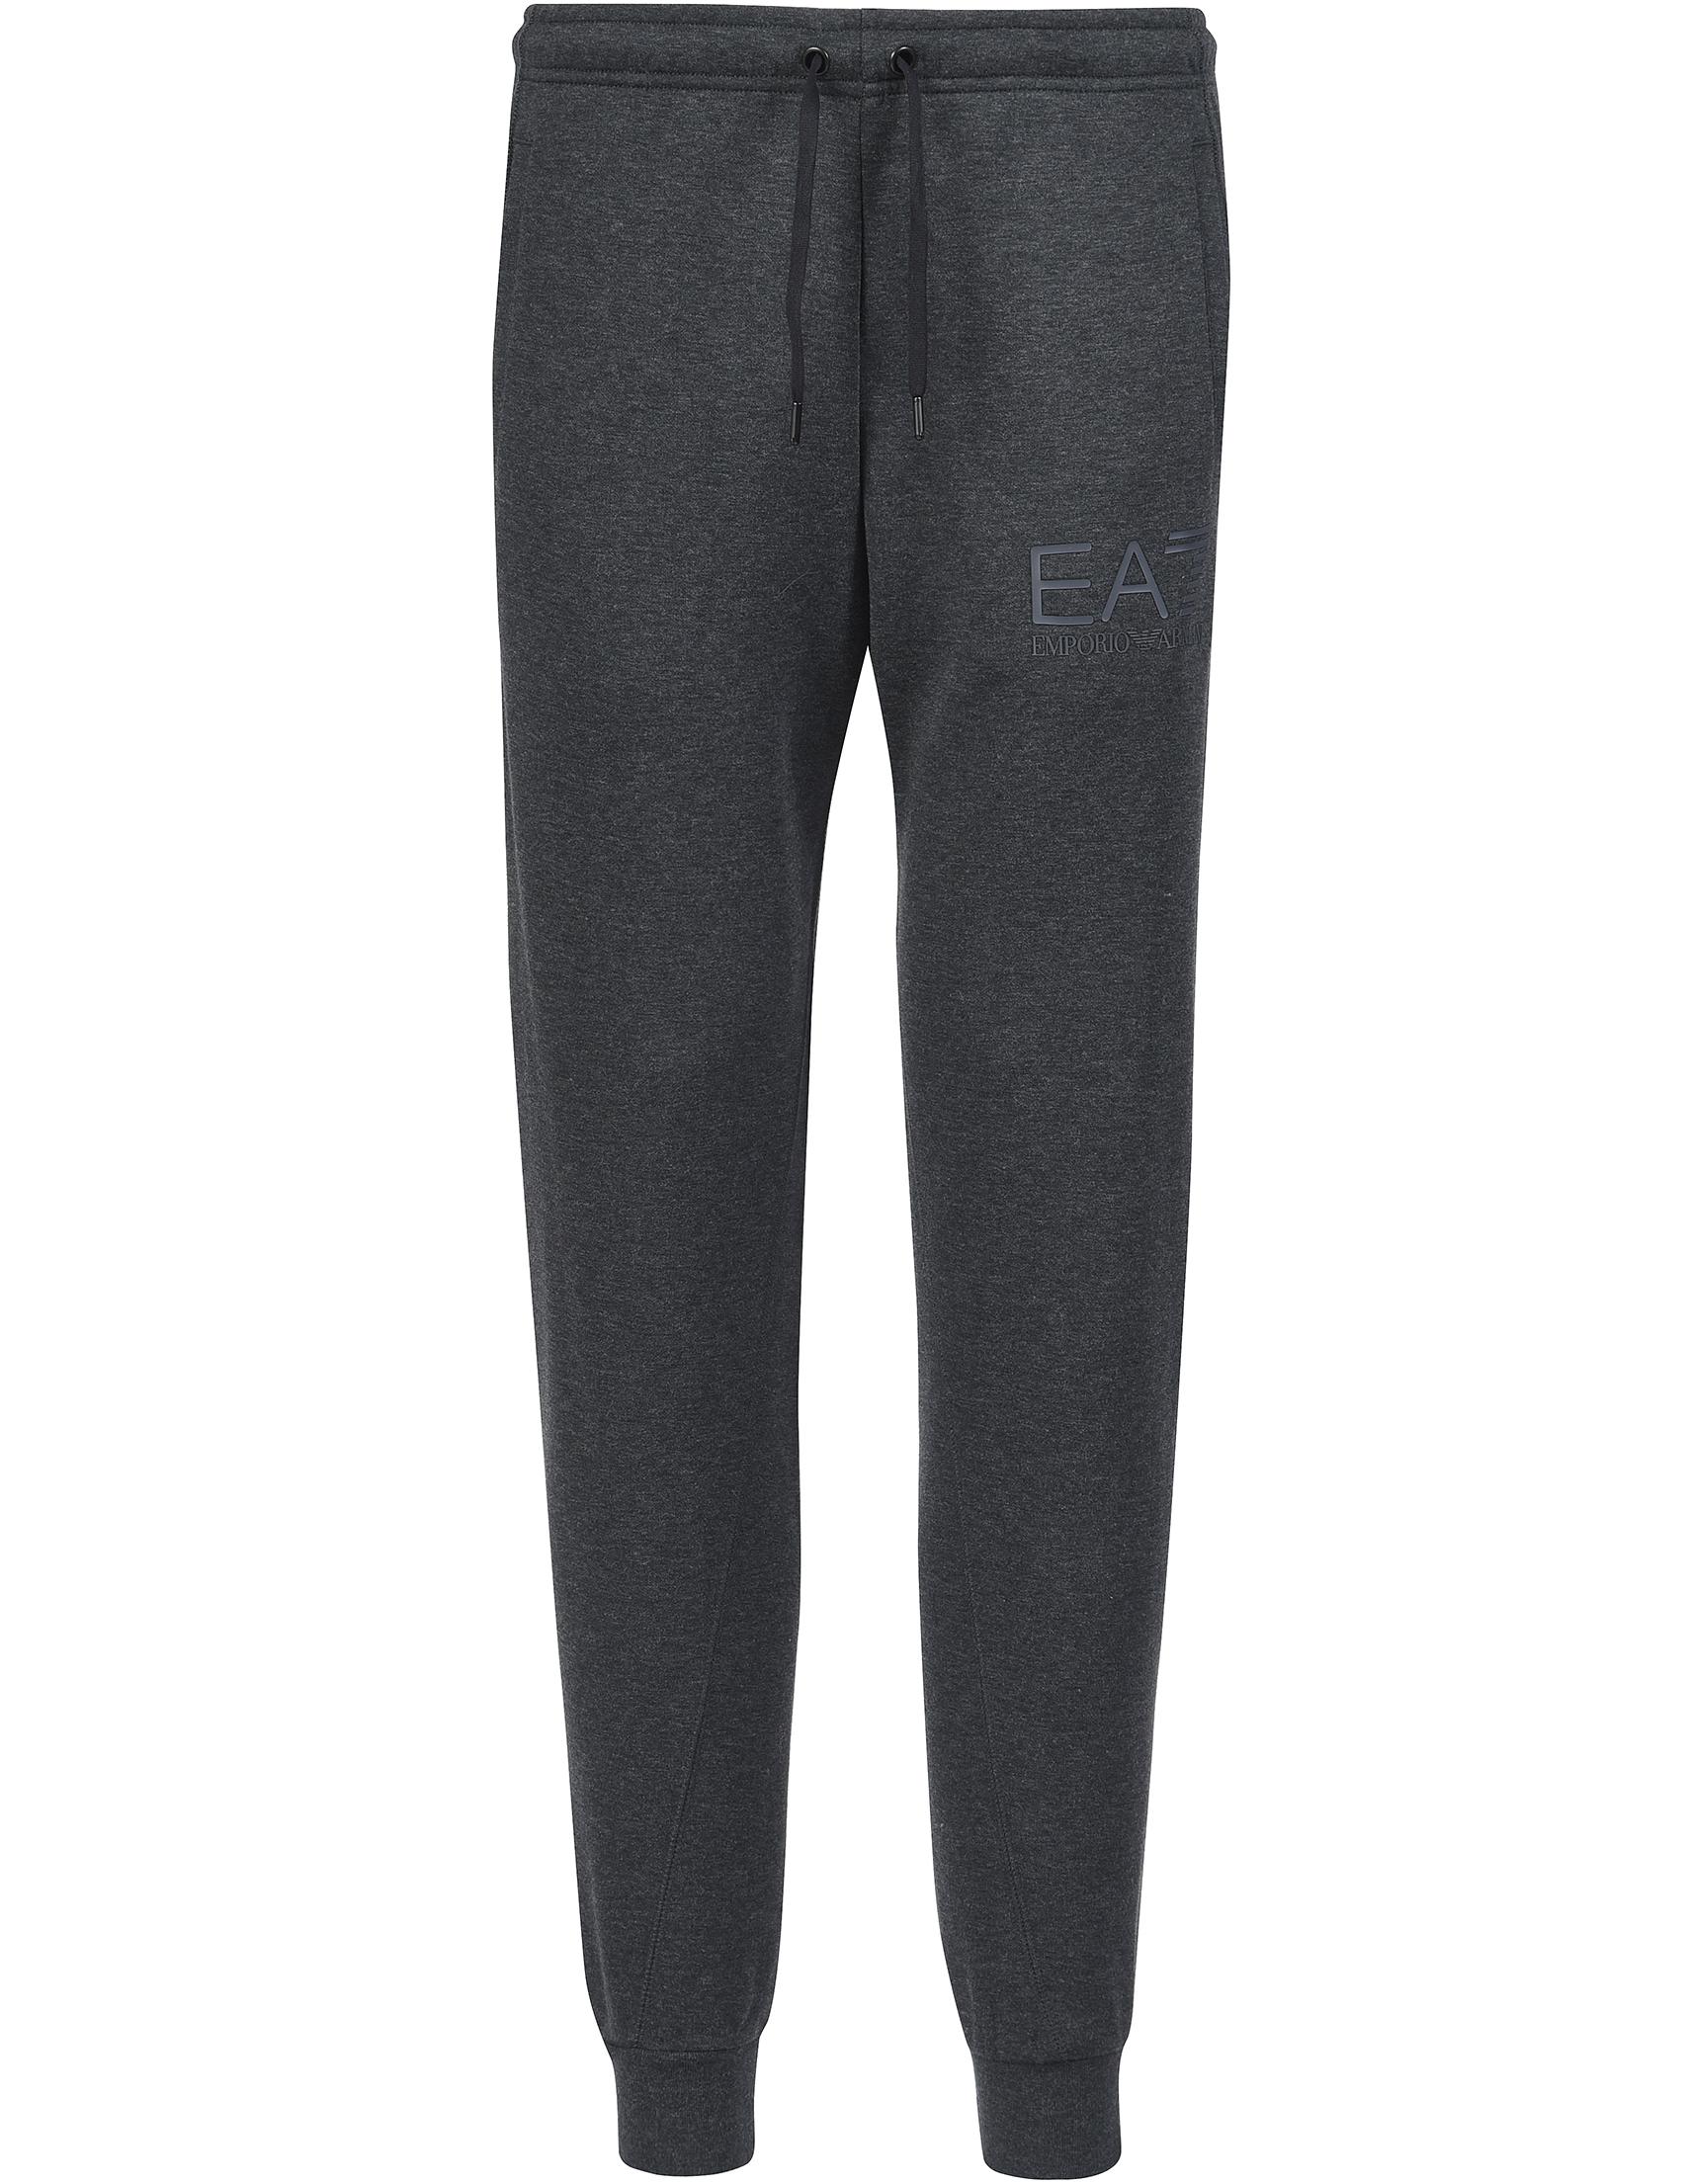 Купить Спортивные брюки, EA7 EMPORIO ARMANI, Серый, 72%Хлопок 28%Полиэстер, Осень-Зима